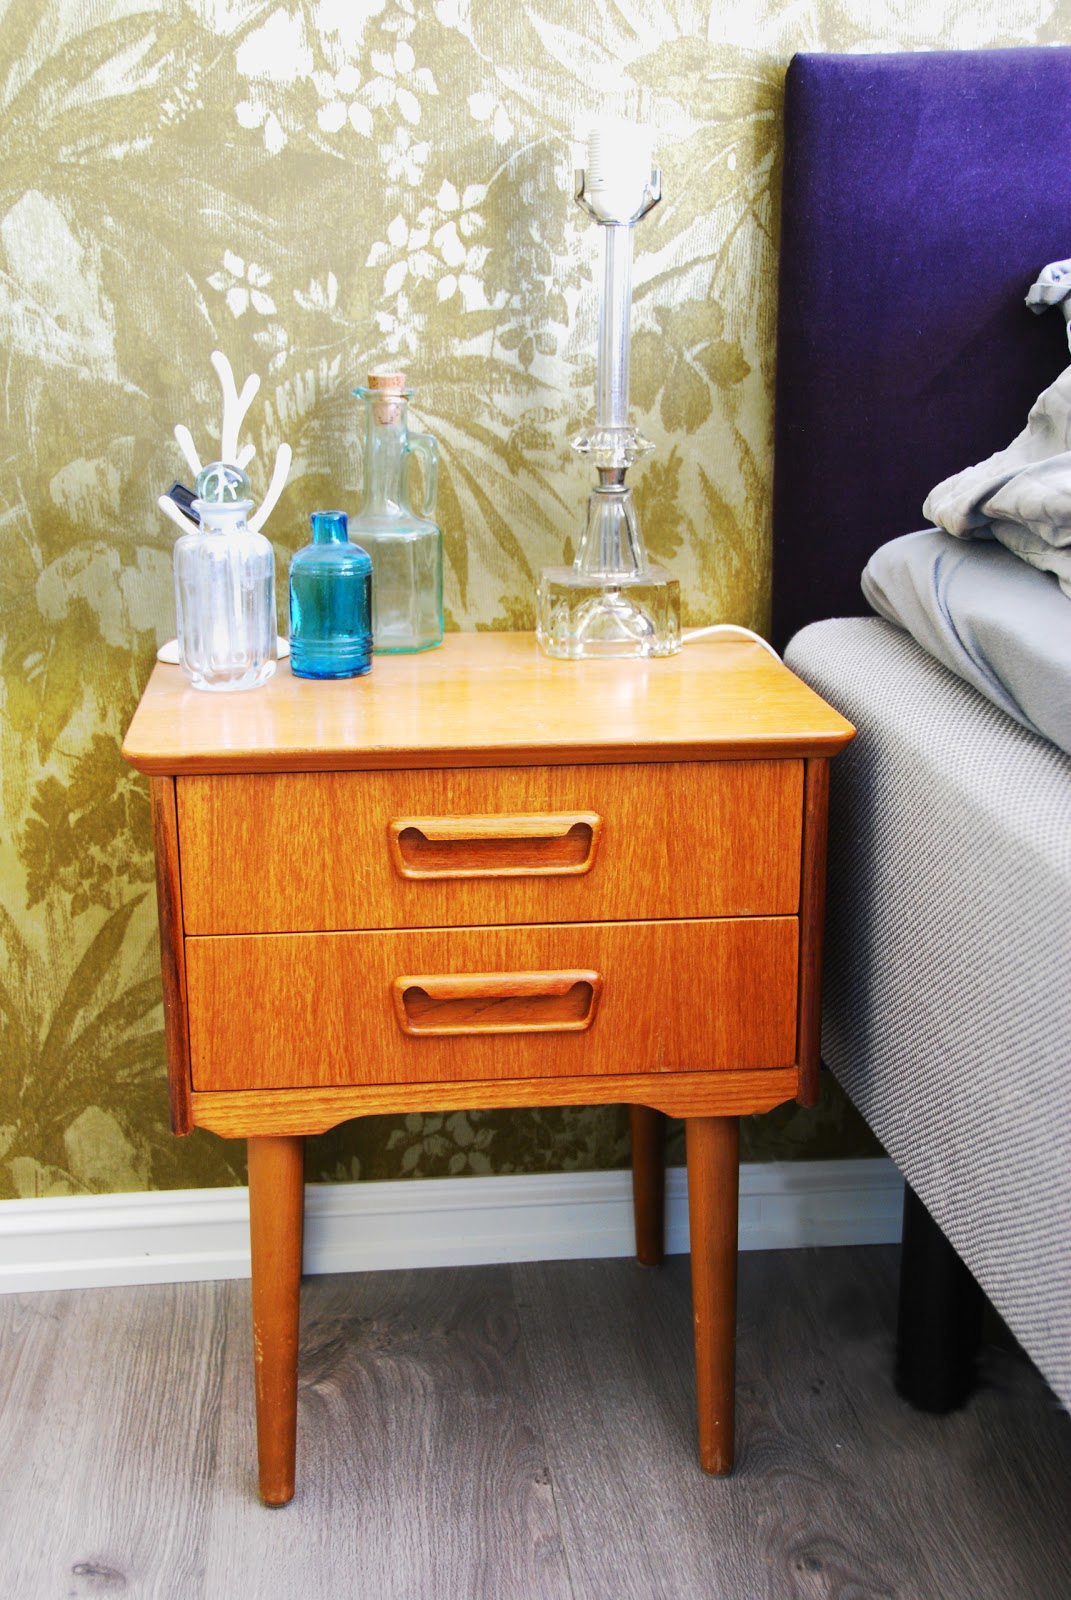 c3fe39de Jeg har kjøpt meg et par teak nattbord på loppemarked, og har hatt så lyst  til å få brukt de på soverommet. De er ikke bare fantastisk fine, ...